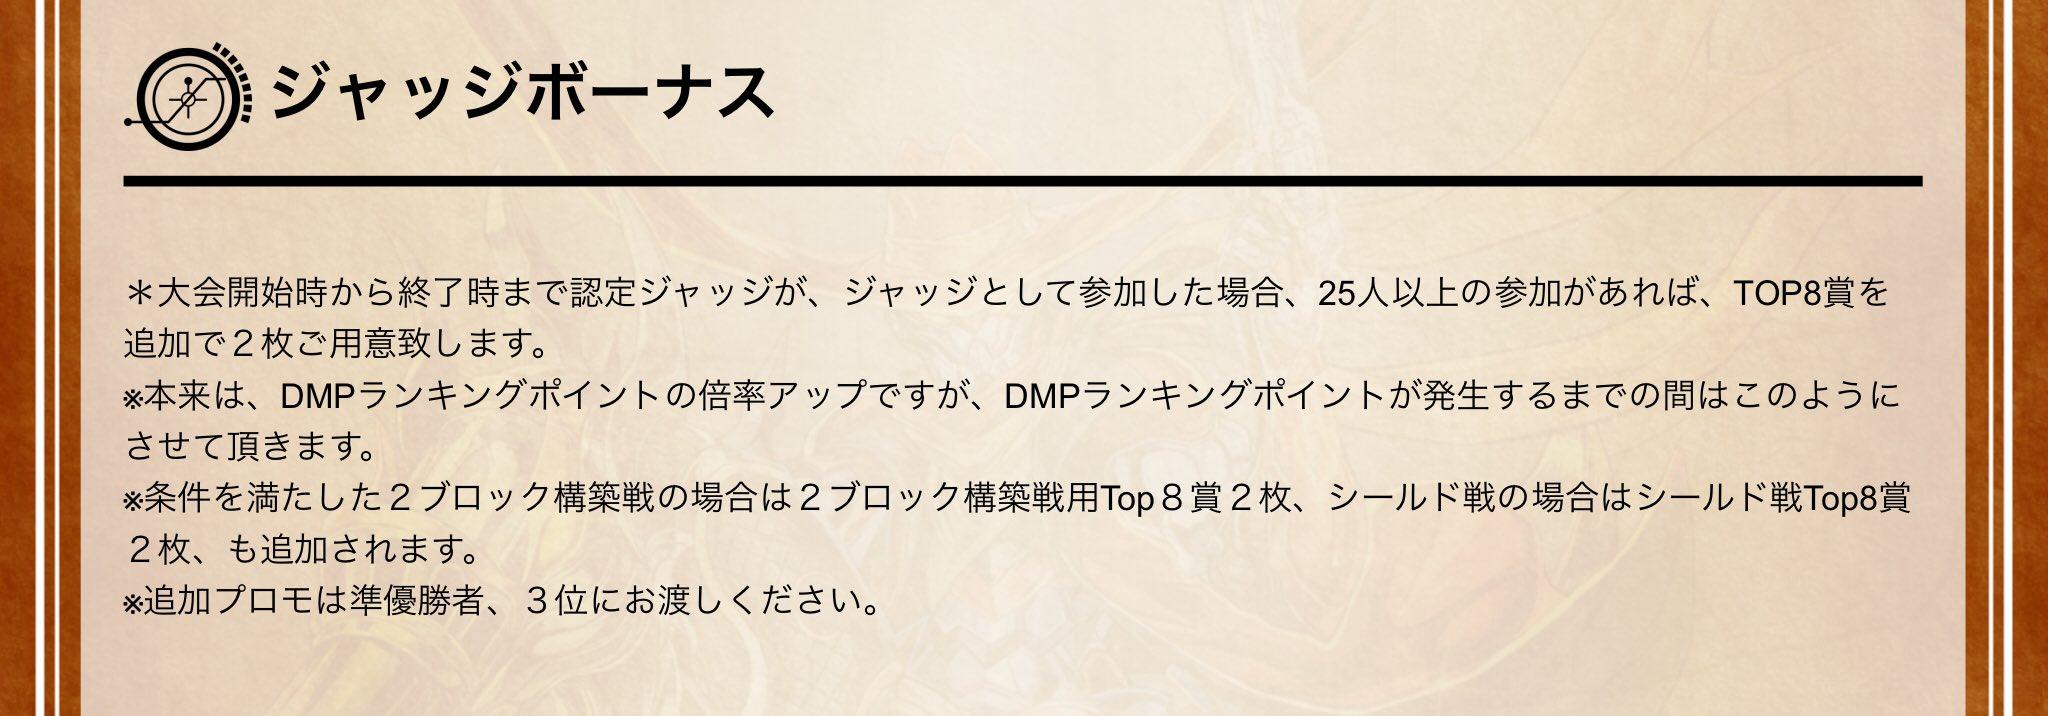 dm-rp13-20200606-027.jpg